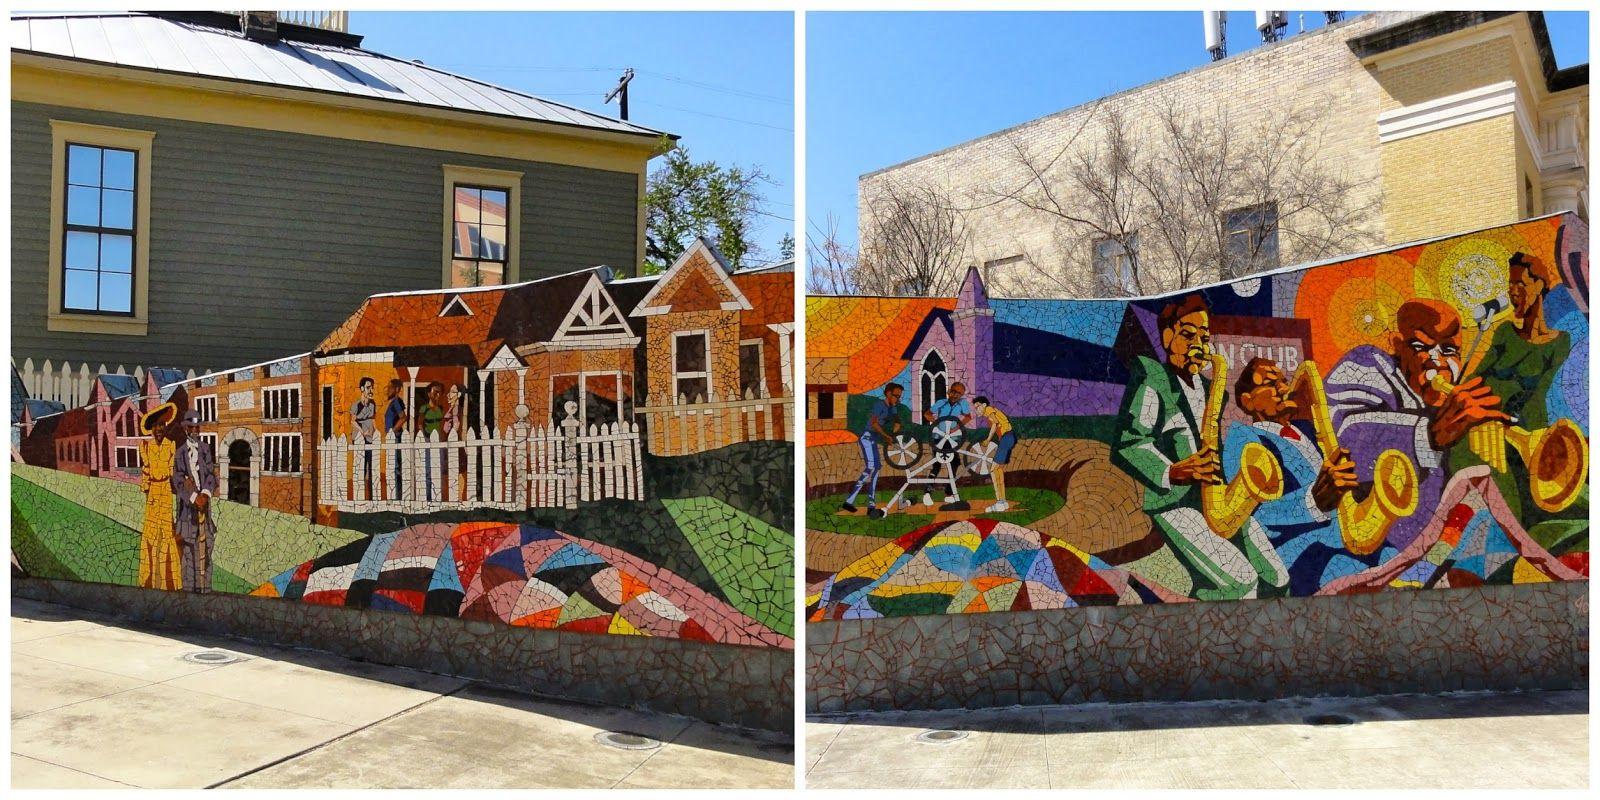 Austin Mural Rhapsody 11th Waller Mural Austin Murals Street Art